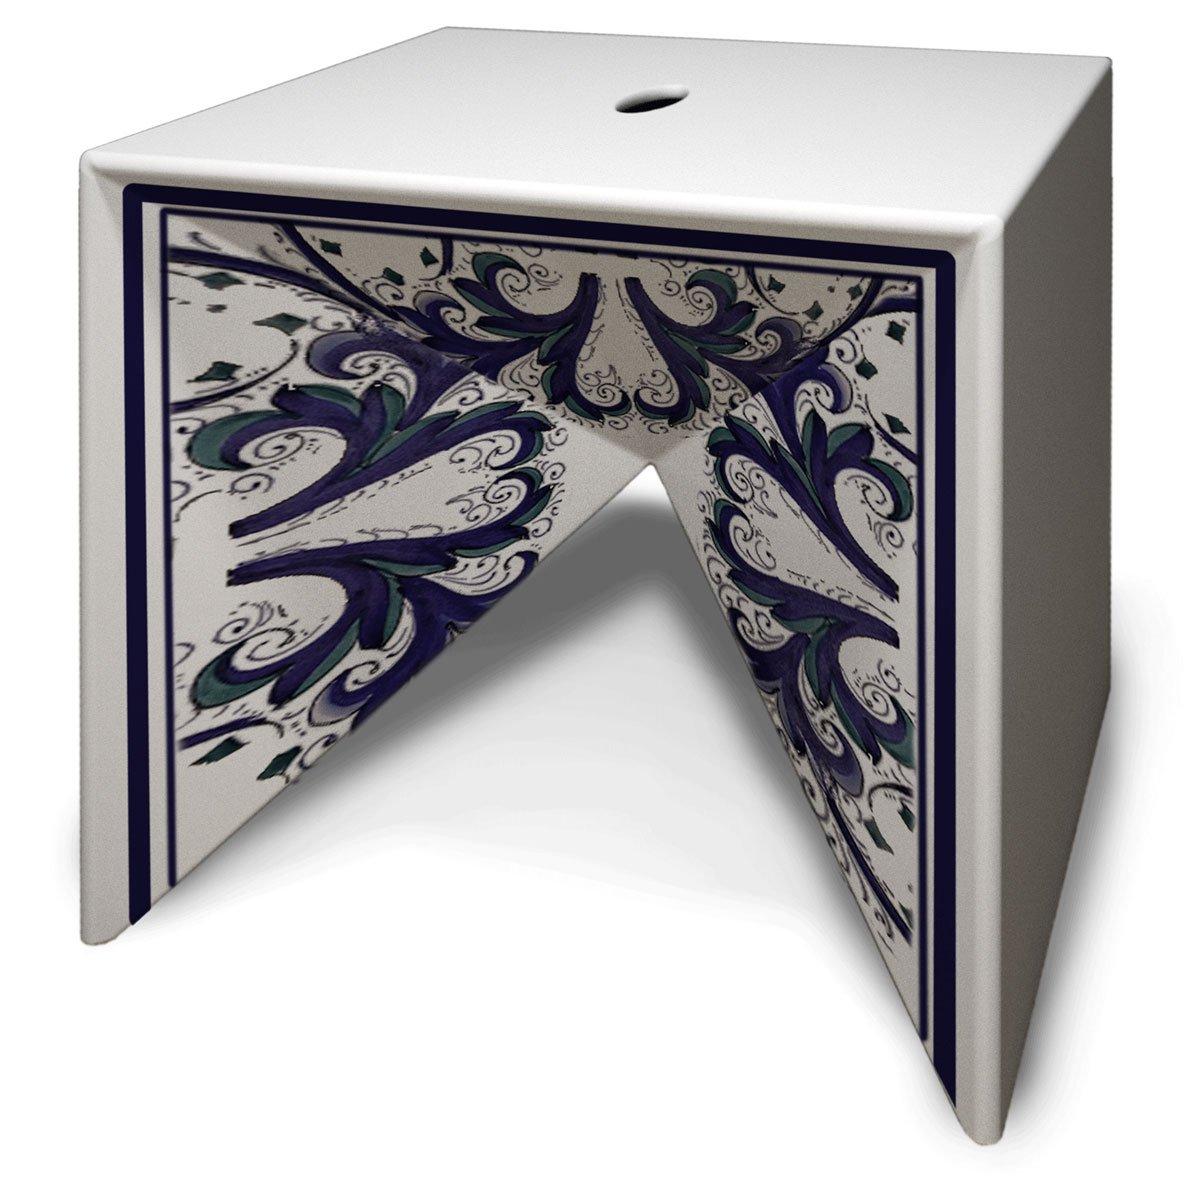 qbico-ceramic-marcellocannarsa-product-designer